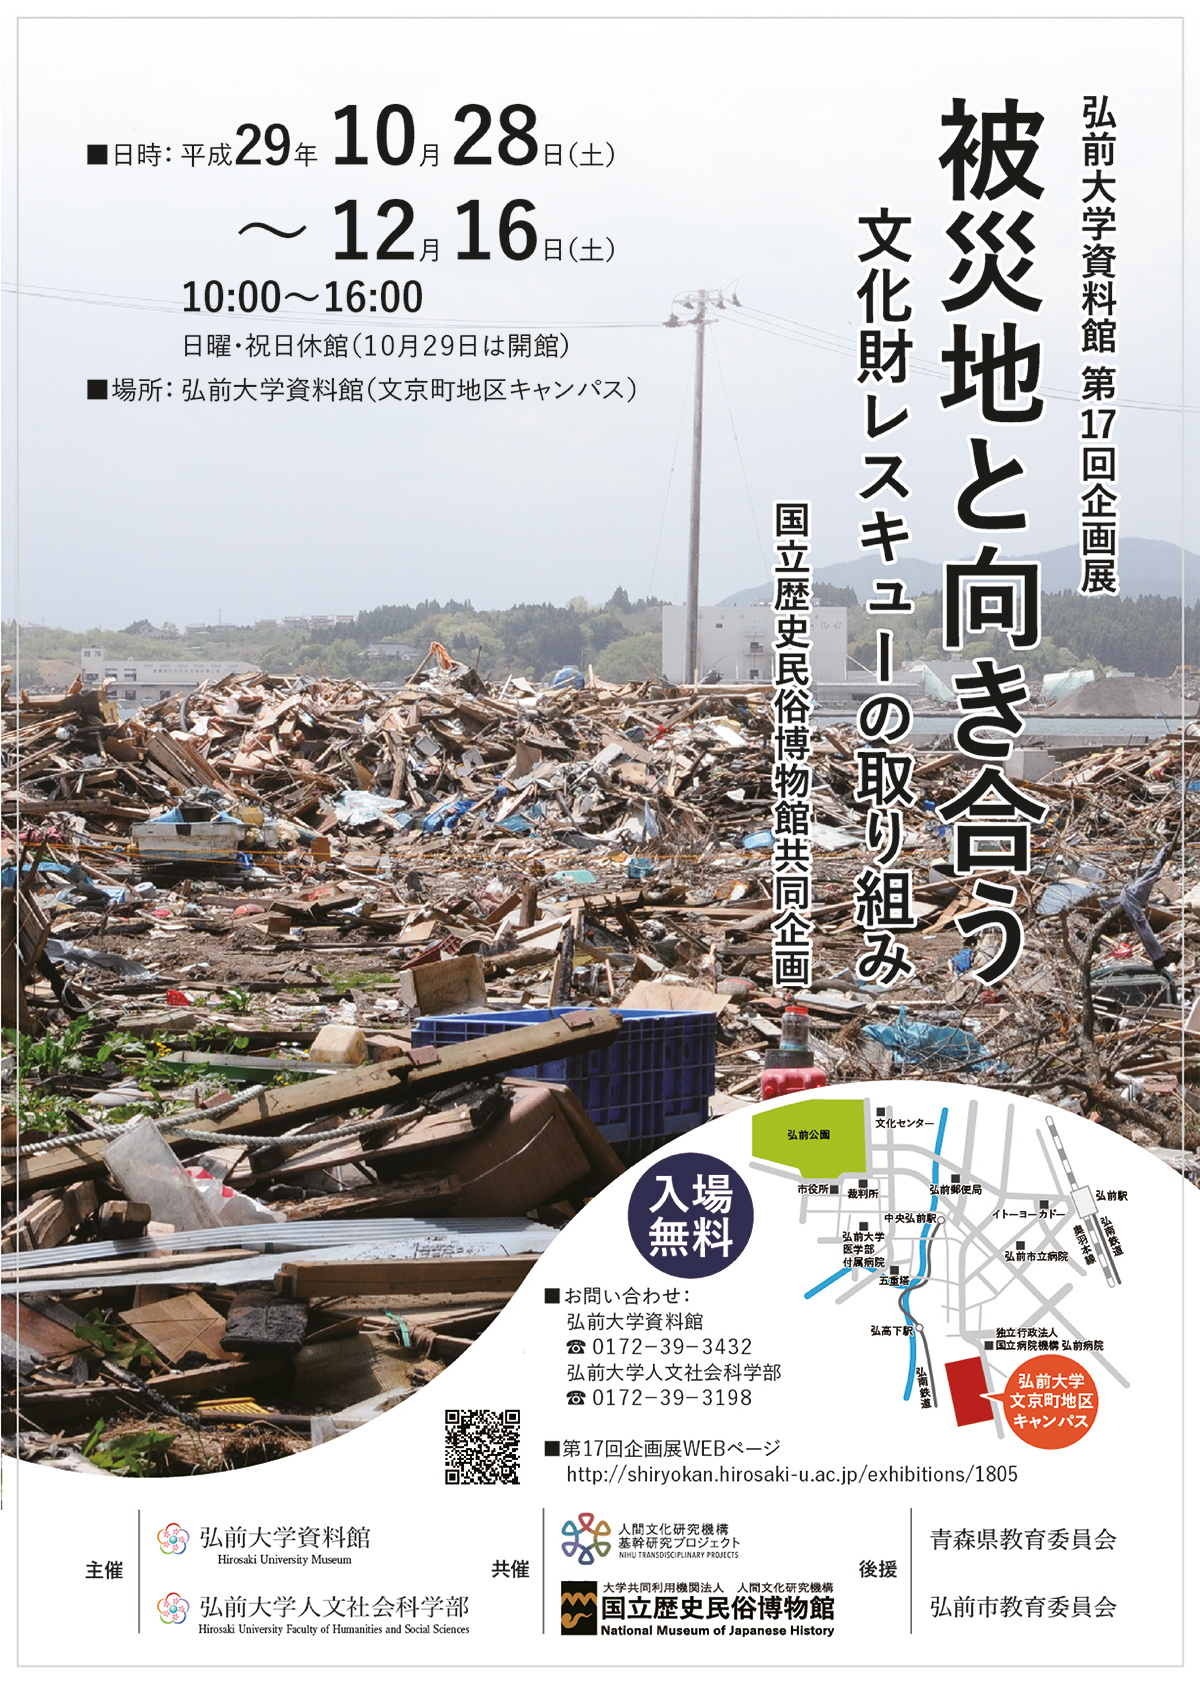 弘前大学資料館第17回企画展「被災地と向き合う -文化財レスキューの取り組みー」